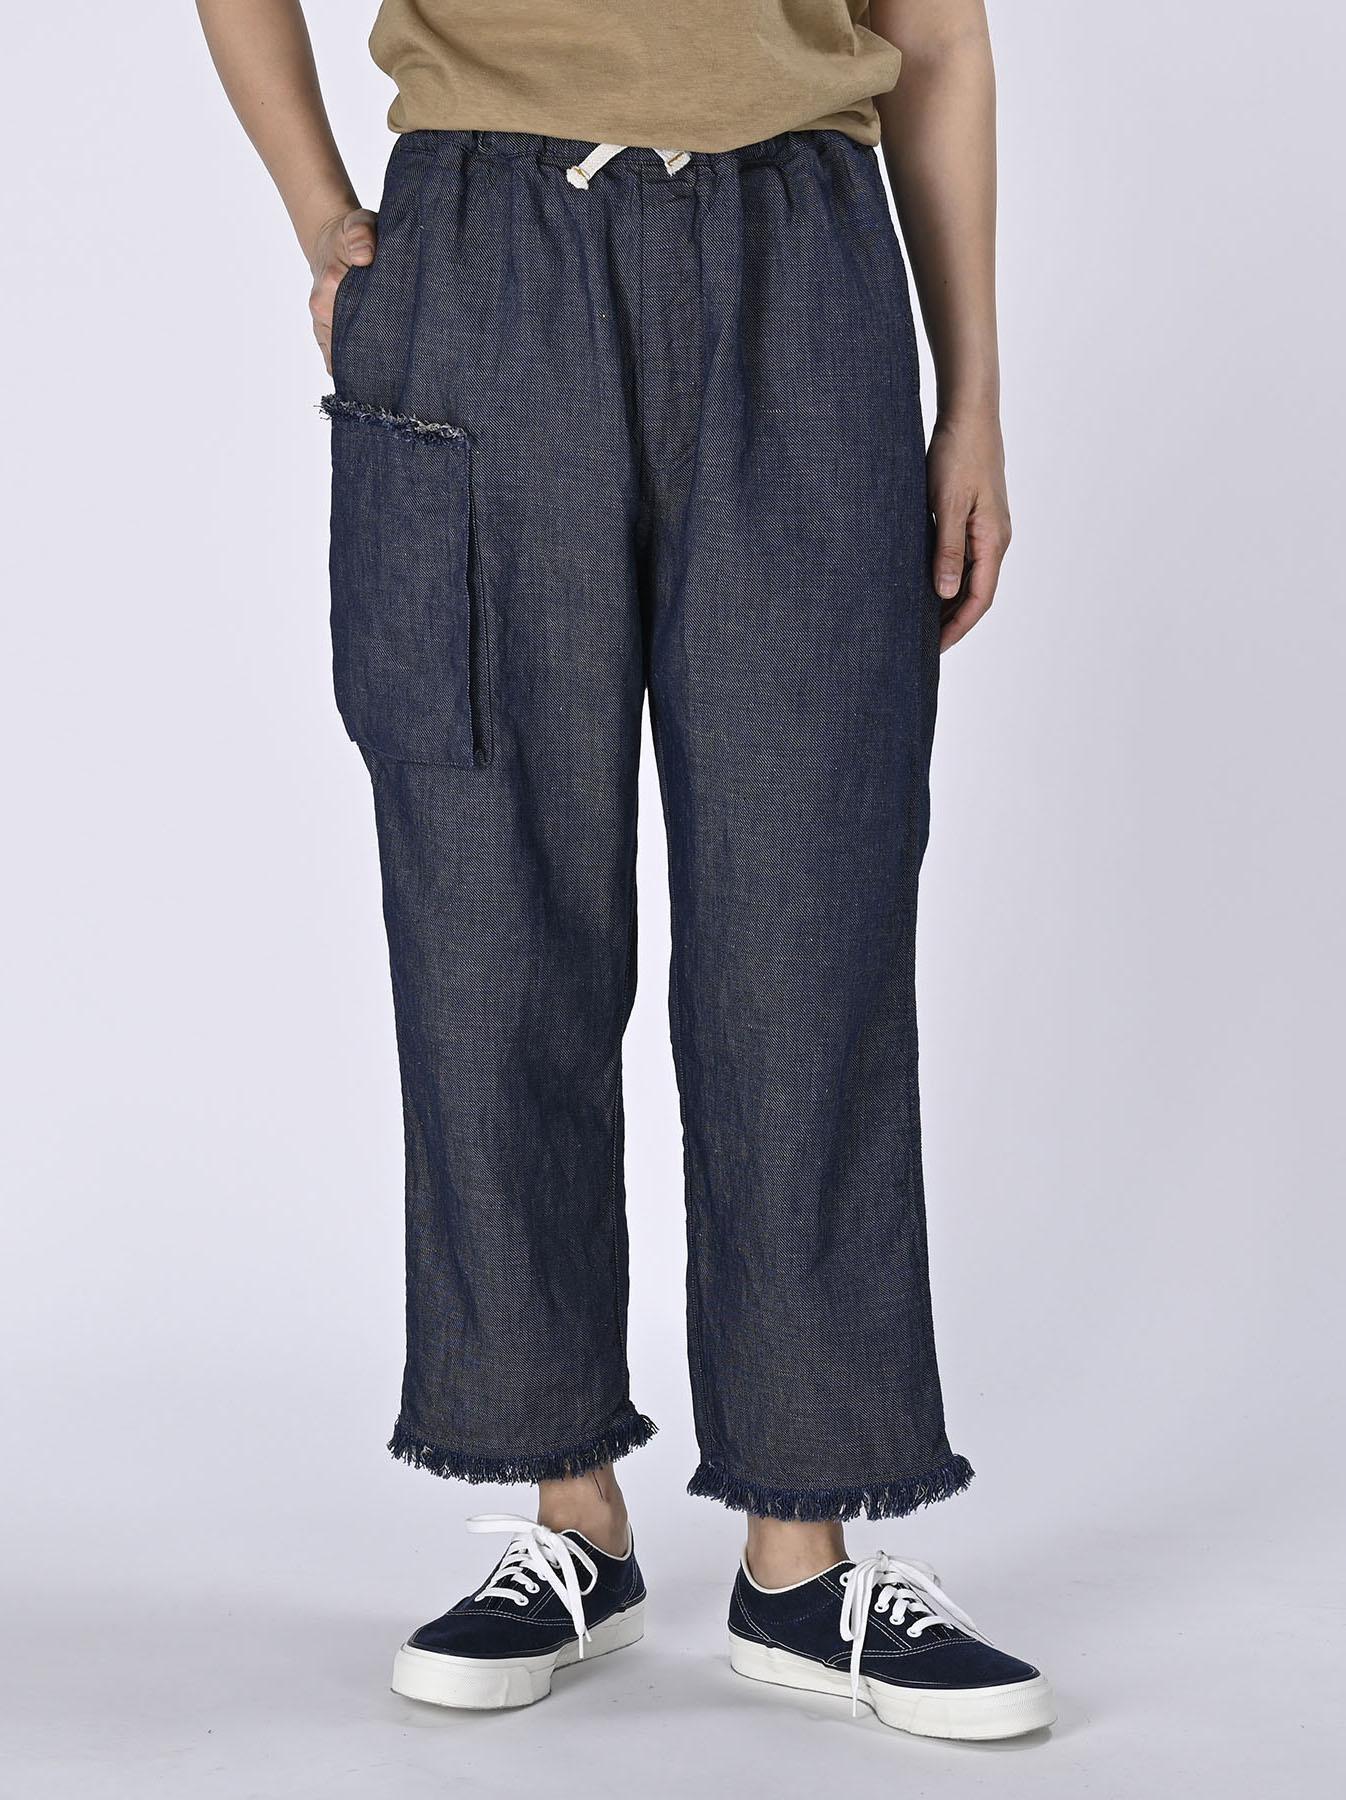 Indigo Cotton Linen Zakkuri Denim Easy Pants (0521)-3